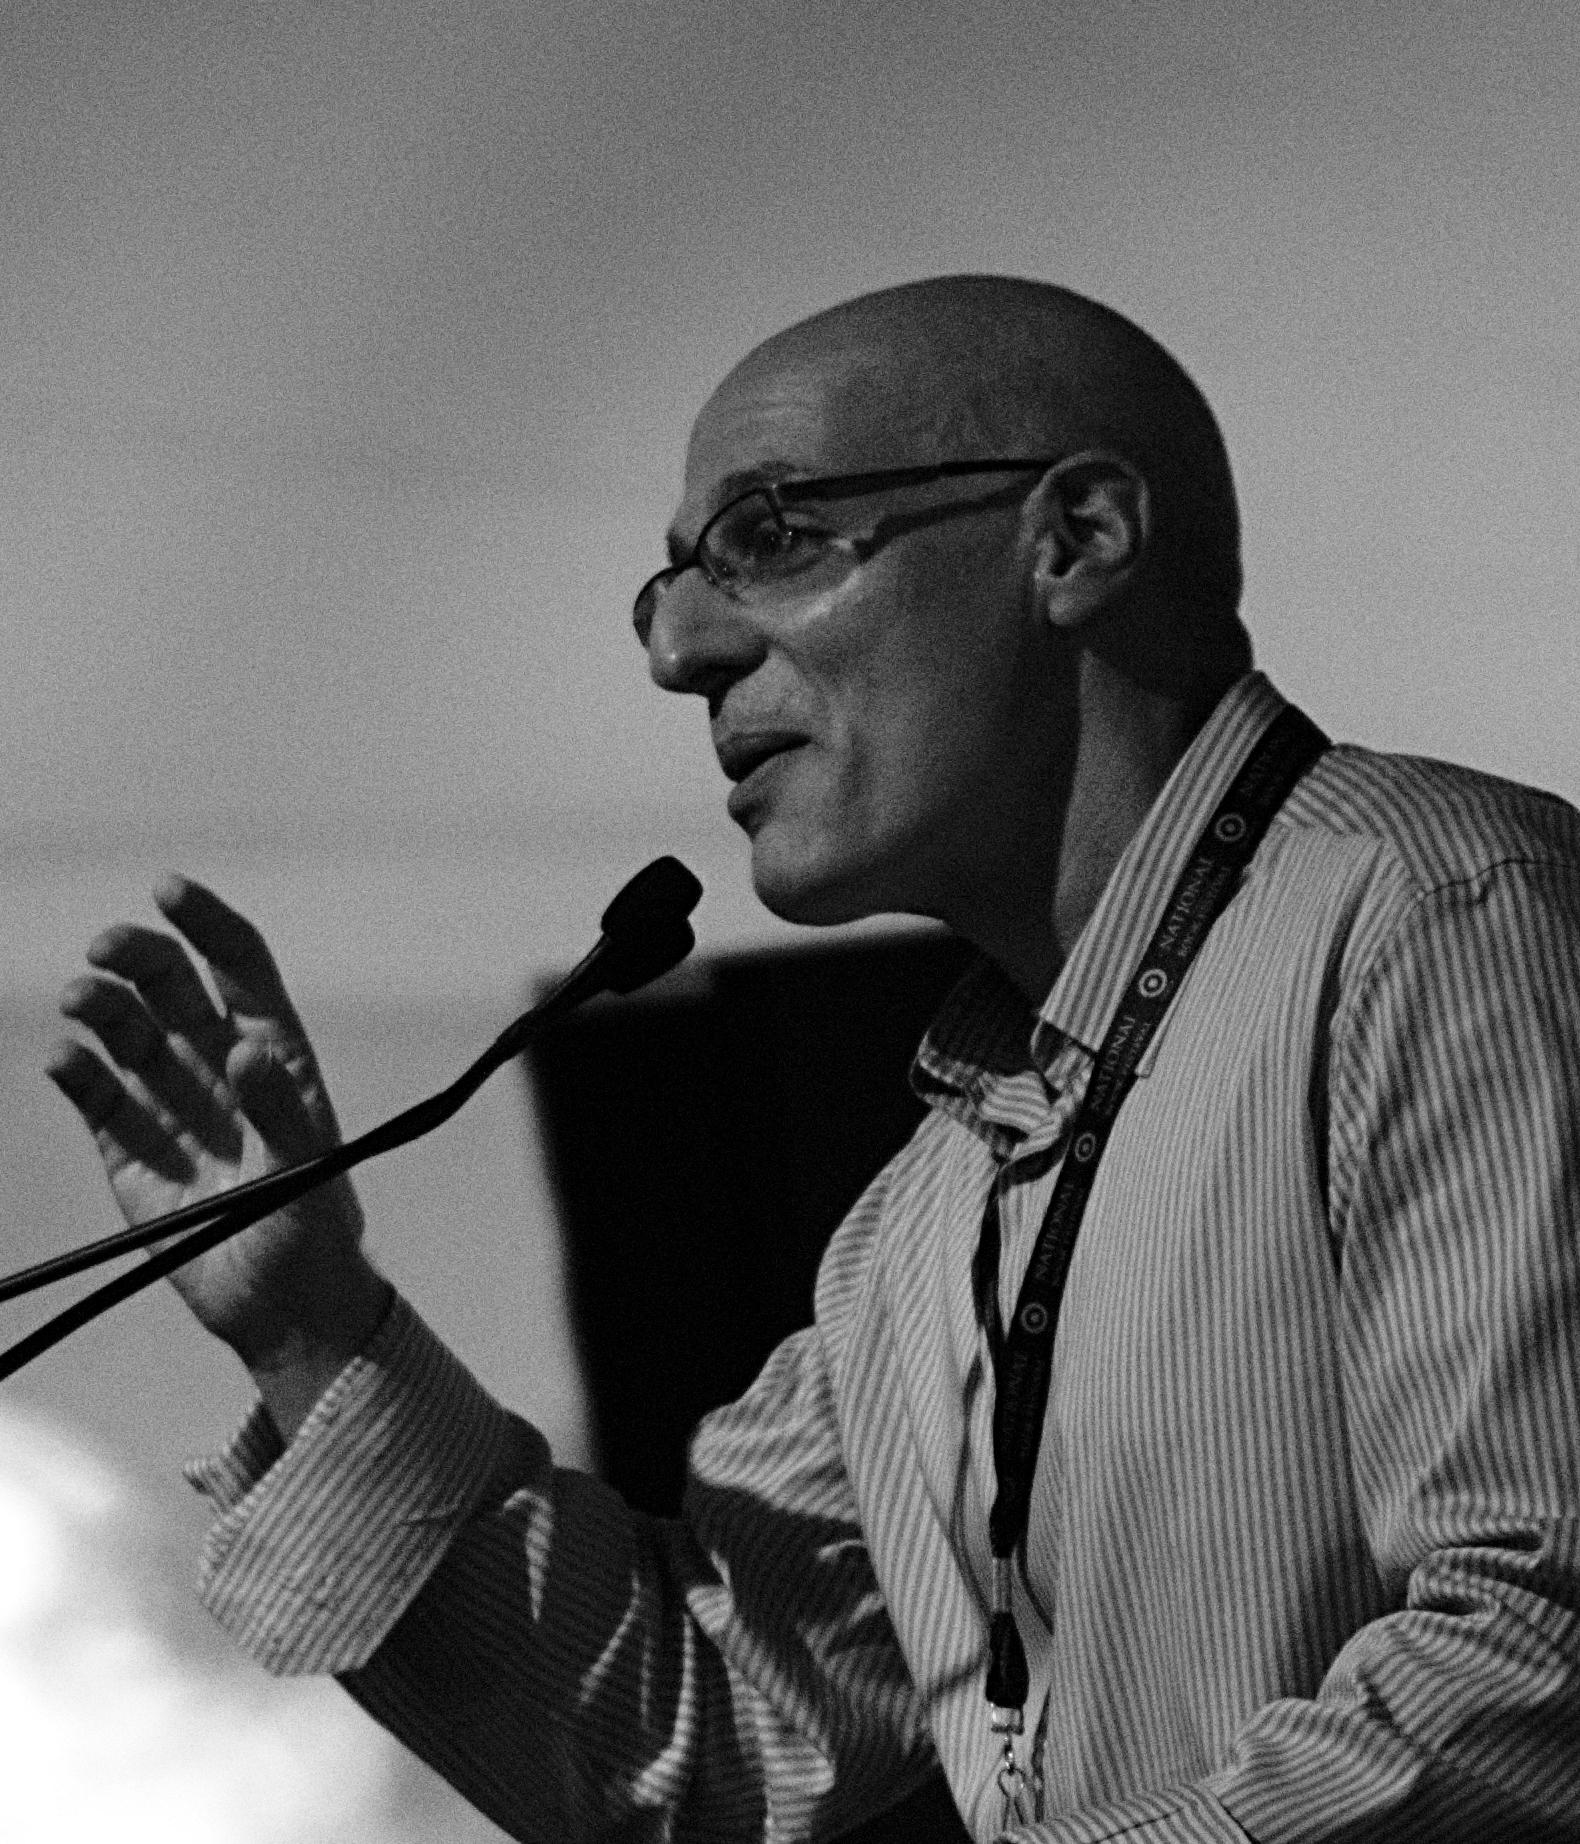 Korman speaking at the [[National Book Festival]] in September 2011